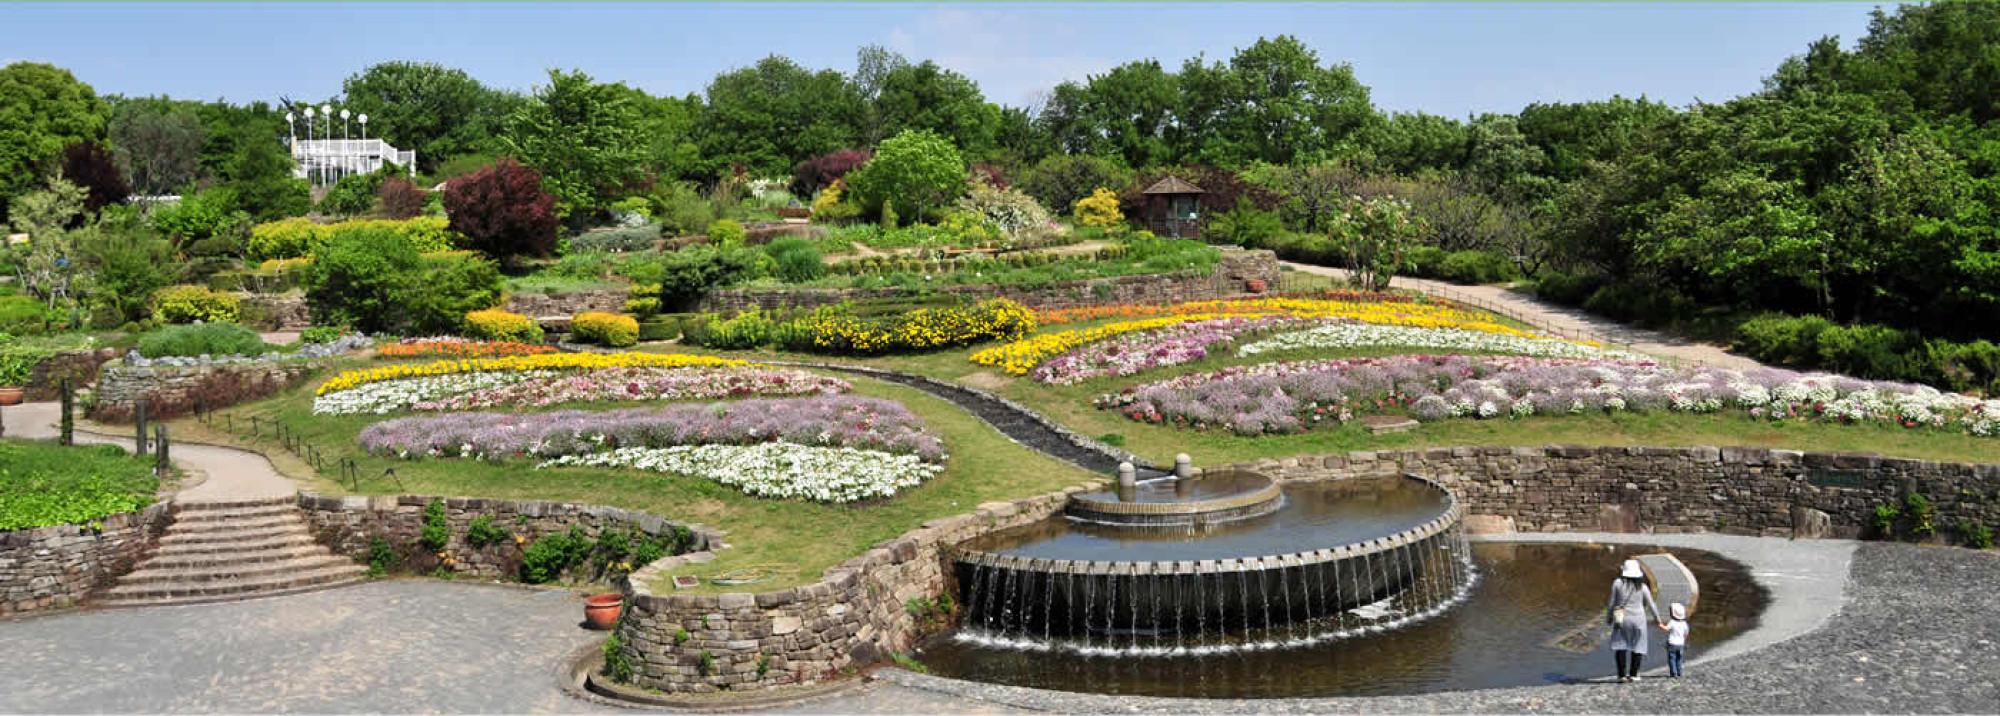 東山動物園の隣にある植物園